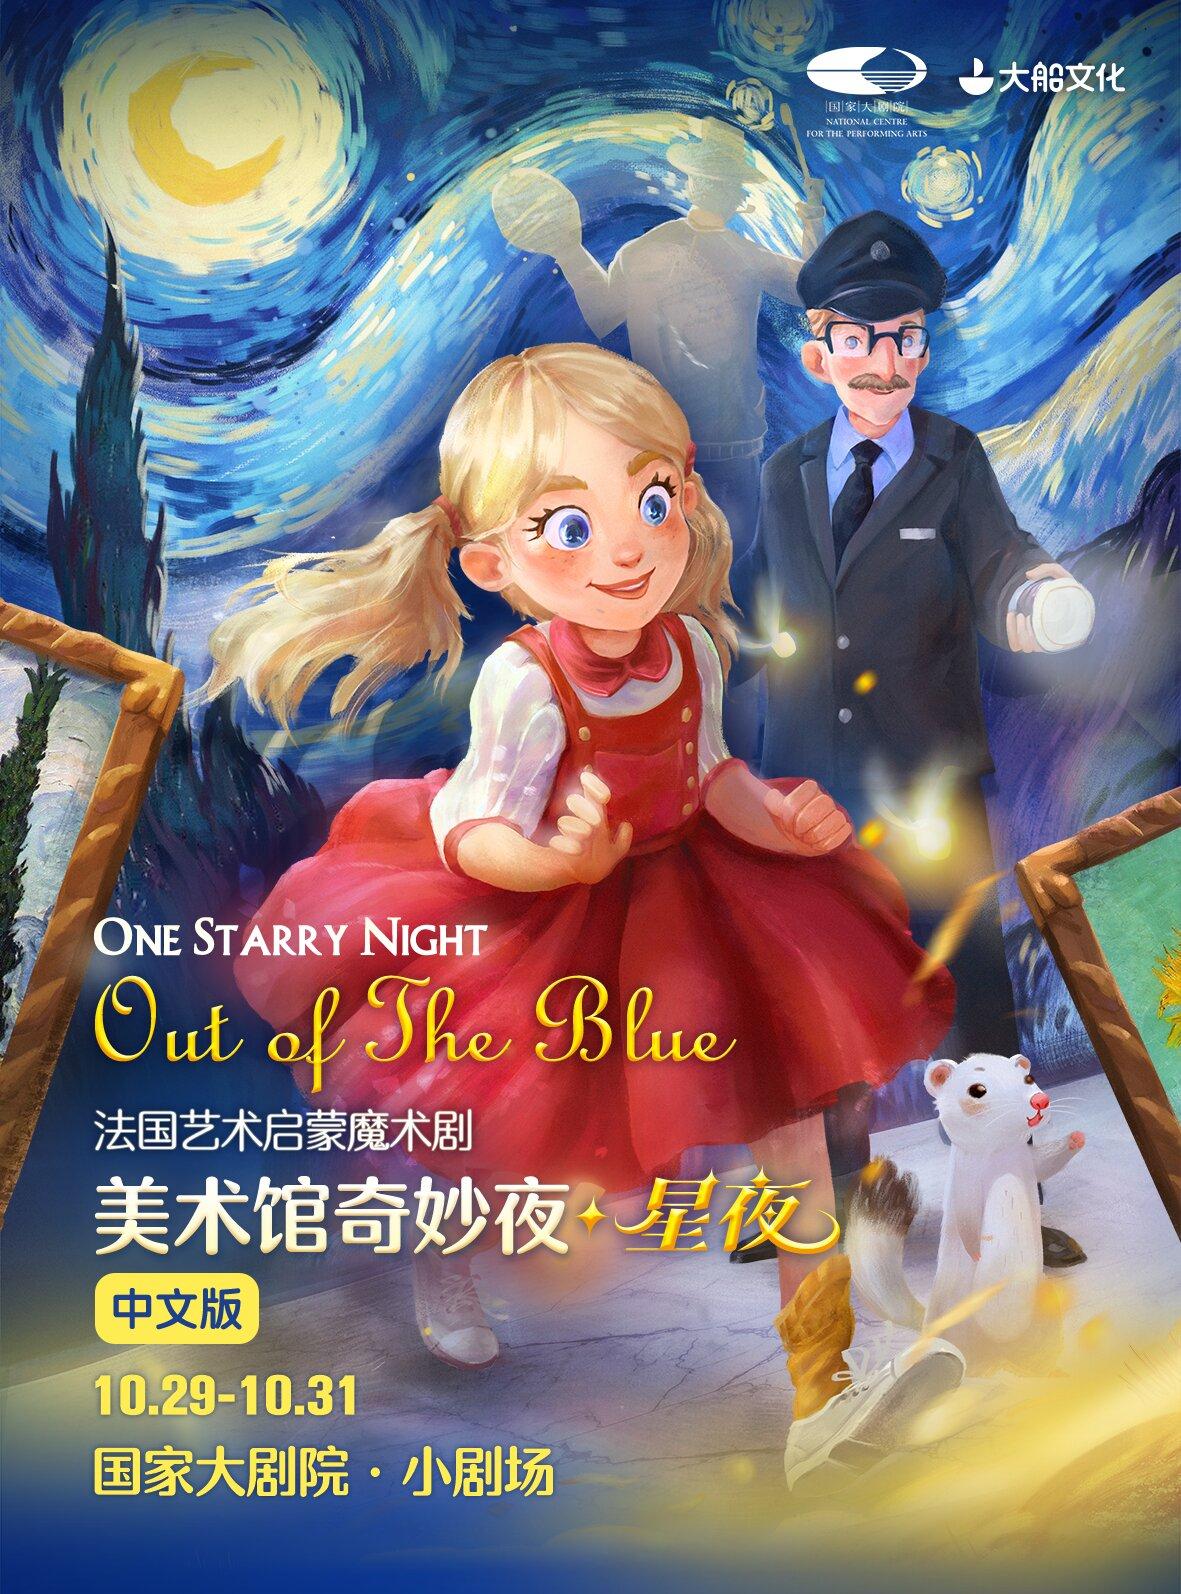 【北京】大船文化 法国艺术启蒙儿童剧《美术馆奇妙夜·星夜》中文版